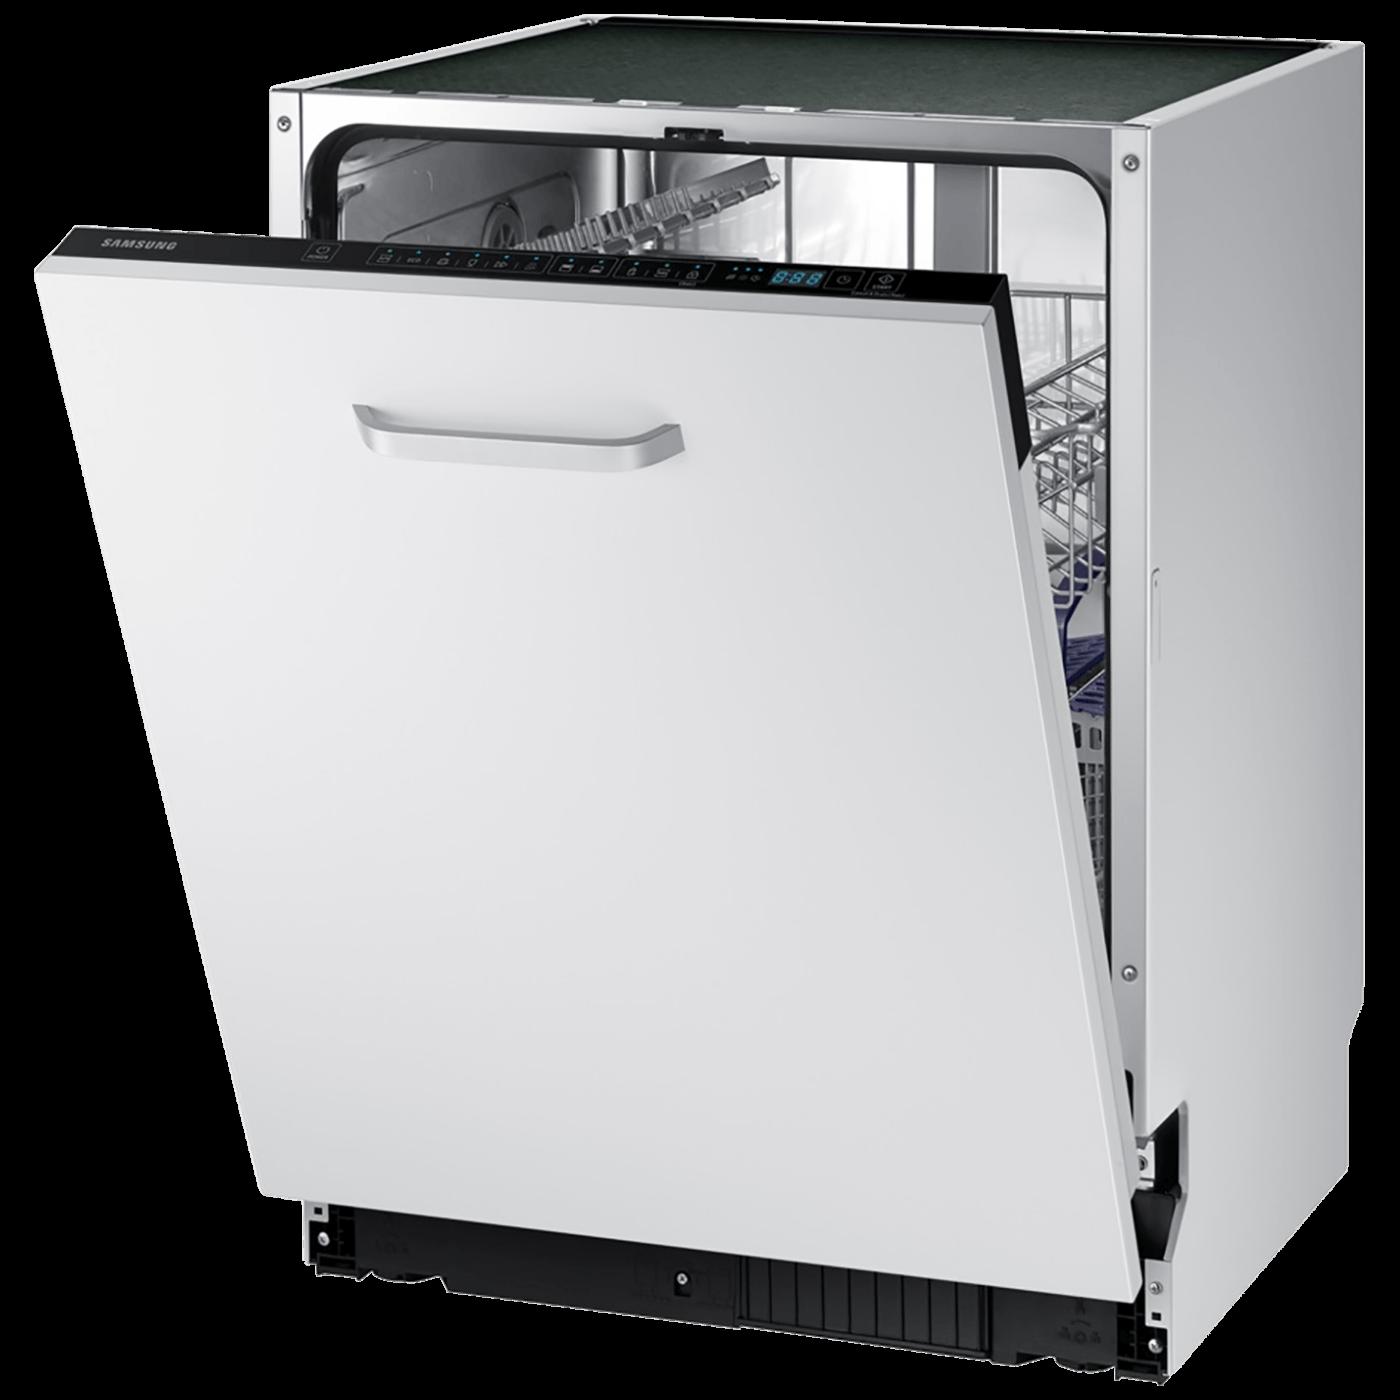 Mašina za suđe za 13 kompleta, 6 programa, A++